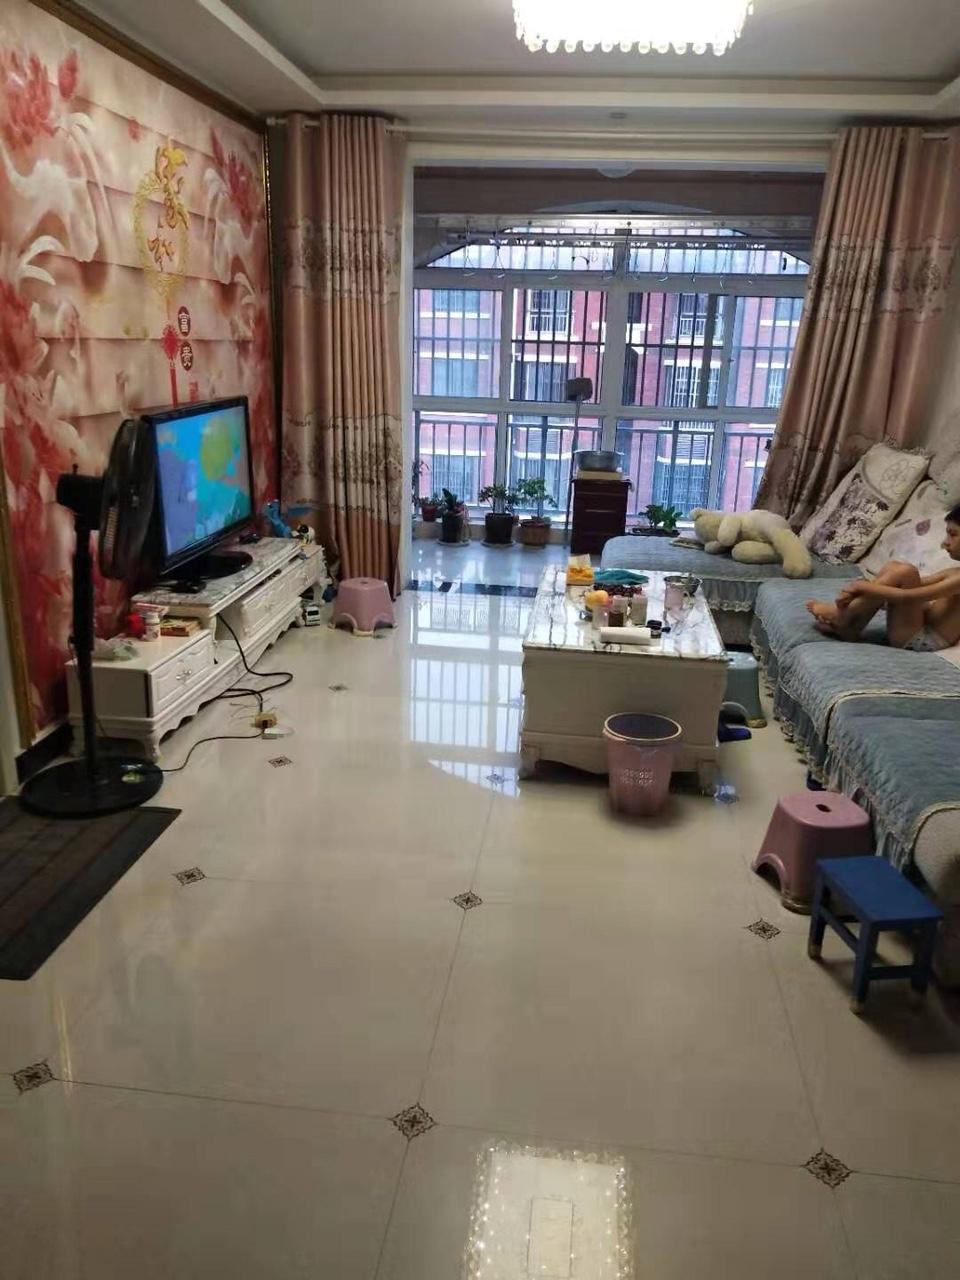 嘉泰·龍城壹號3室 2廳 1衛69萬元